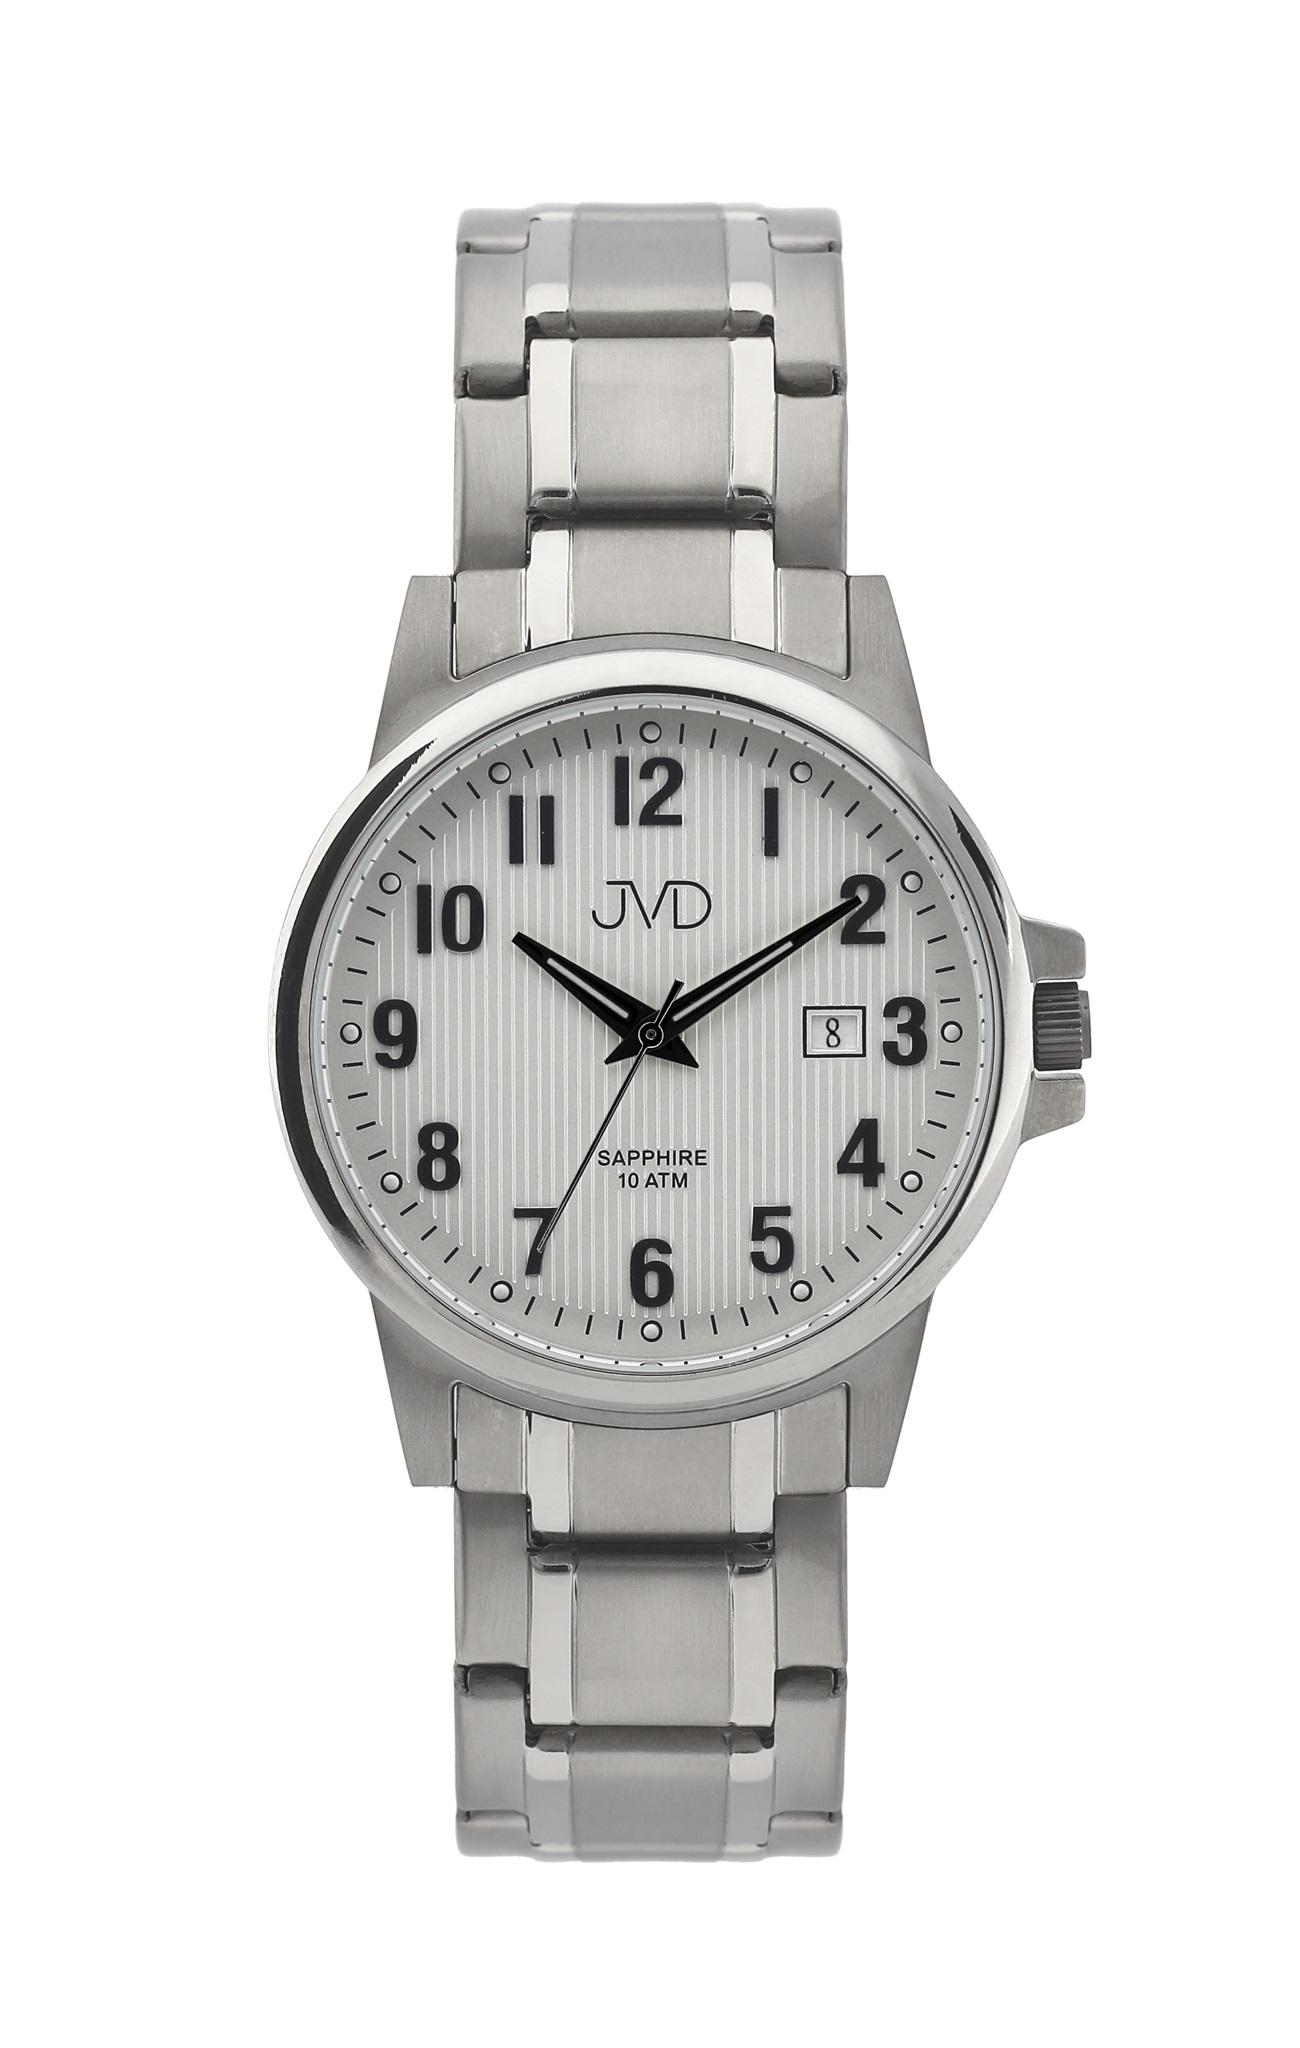 Pánské titanové antialergické vodotěsné hodinky JVD J2021.3 se safírovým sklem (POŠTOVNÉ ZDARMA!!!)